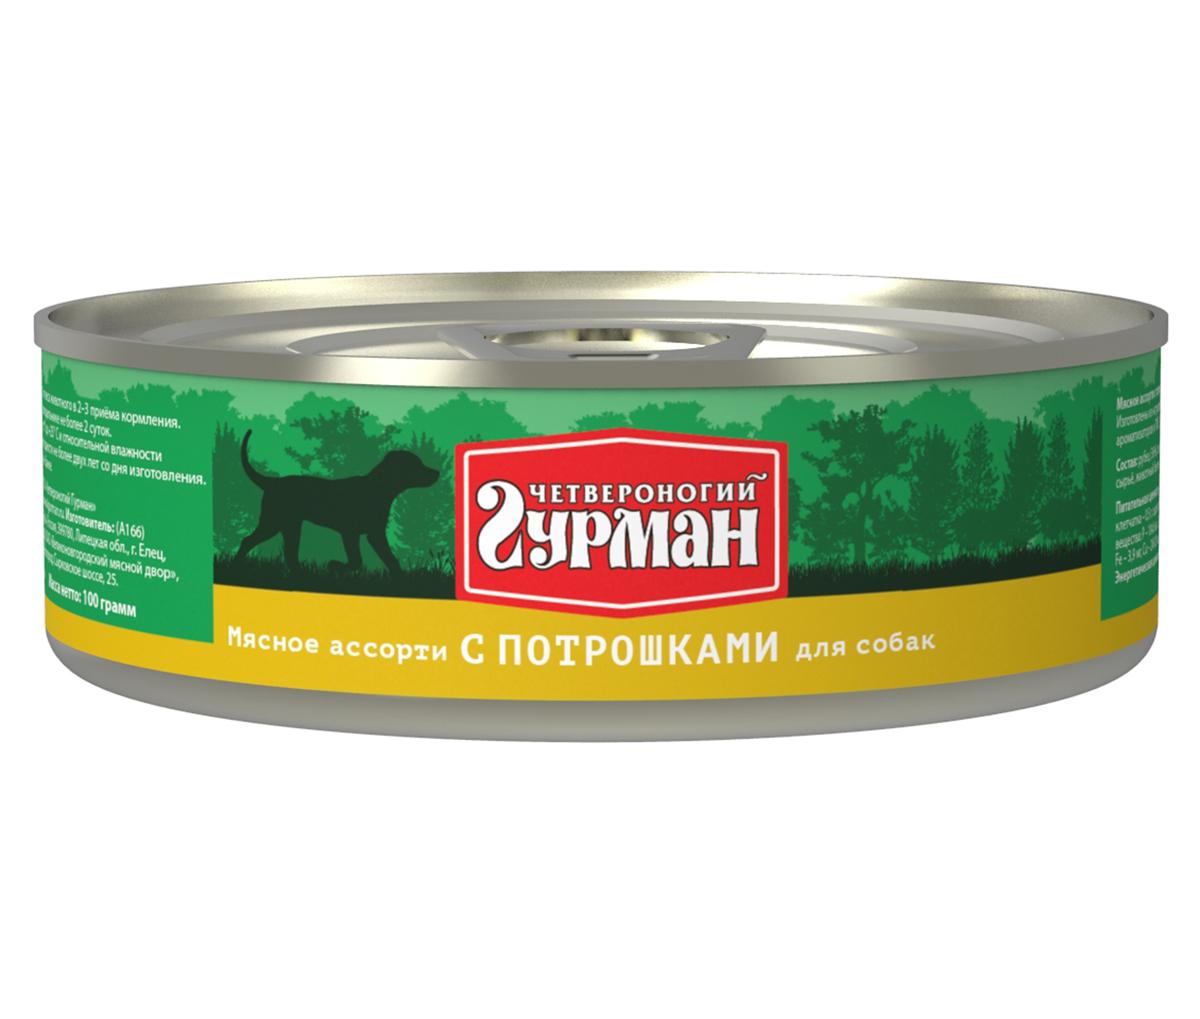 Консервы для собак Четвероногий гурман Мясное ассорти, с потрошками, 100 г. 1031010080120710Консервы для собак Четвероногий гурман Мясное ассорти - это влажный мясной корм суперпремиум класса, состоящий из разных сортов мяса и качественных субпродуктов. Корм не содержит синтетических витаминно-минеральных комплексов, злаков, бобовых и овощей. Никаких искусственных компонентов в составе: только натуральное, экологически чистое мясо от проверенных поставщиков. По консистенции продукт представляет собой кусочки из фарша размером 3-15 мм. В состав входит коллаген. Его компоненты (хондроитин и глюкозамин) положительно воздействуют на суставы питомца. Состав: рубец (36%), сердце (22%), легкое, печень, коллагенсодержащее сырье, животный белок, масло растительное, вода. Пищевая ценность (в 100 г продукта): протеин 10,5 г, жир 6 г, клетчатка 0,5 г, сырая зола 2 г, влага 80 г. Минеральные вещества: P 104,6 мг, Са 11,03 мг, Na 159,3 мг, Cl 209,2 мг, Mg 10,9 мг, Fe 3,9 мг, Cu 249,05 мкг, I 4,32 мкг. Витамины: А, E, В1, В2, B3, B5, B6. Энергетическая ценность (на 100 г): 98 ккал. Товар сертифицирован.